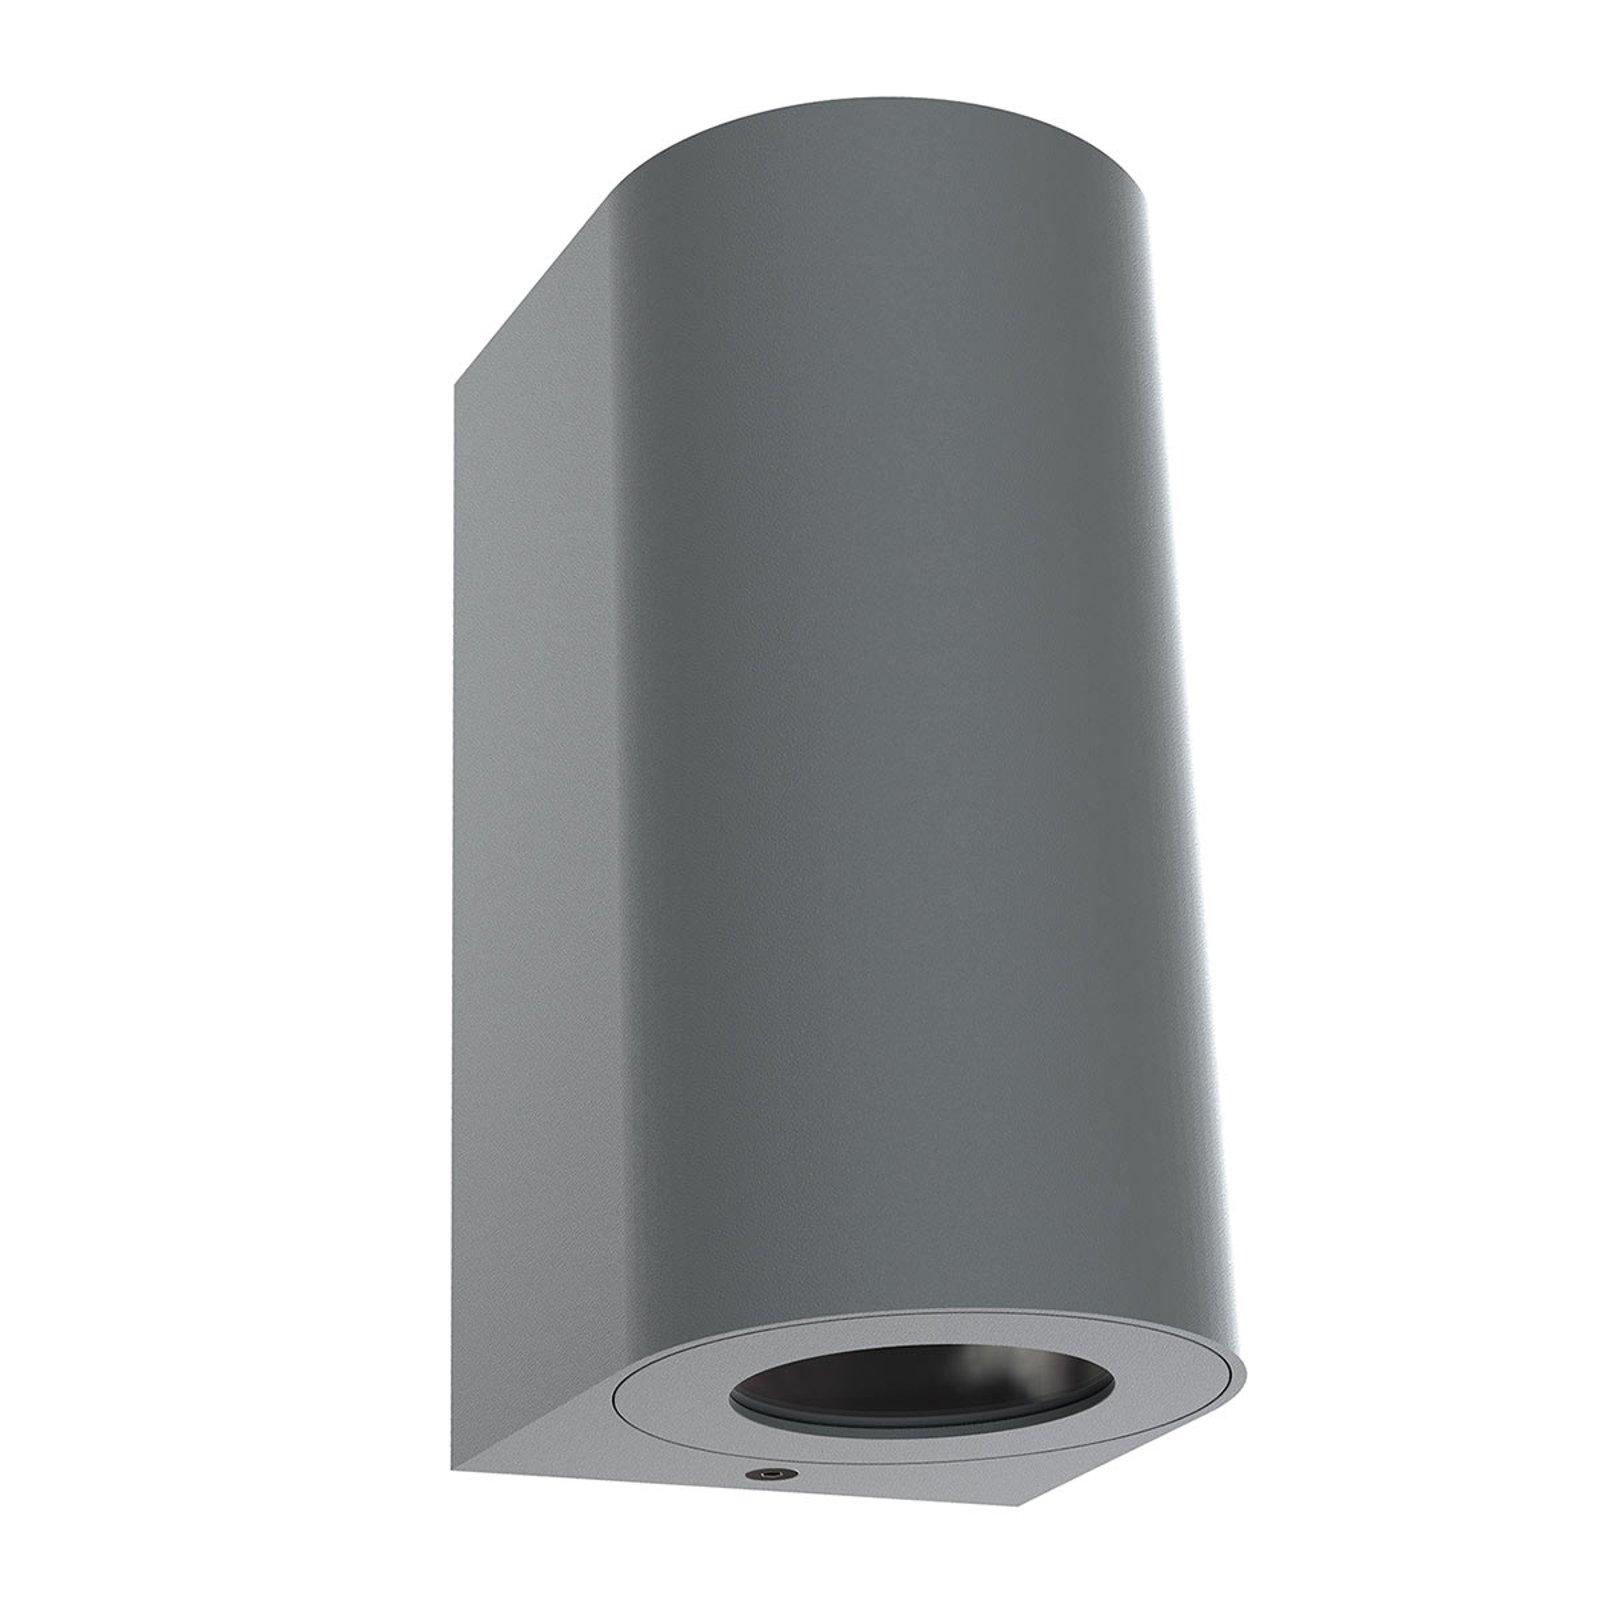 Utendørs vegglampe Canto Maxi 2, grå